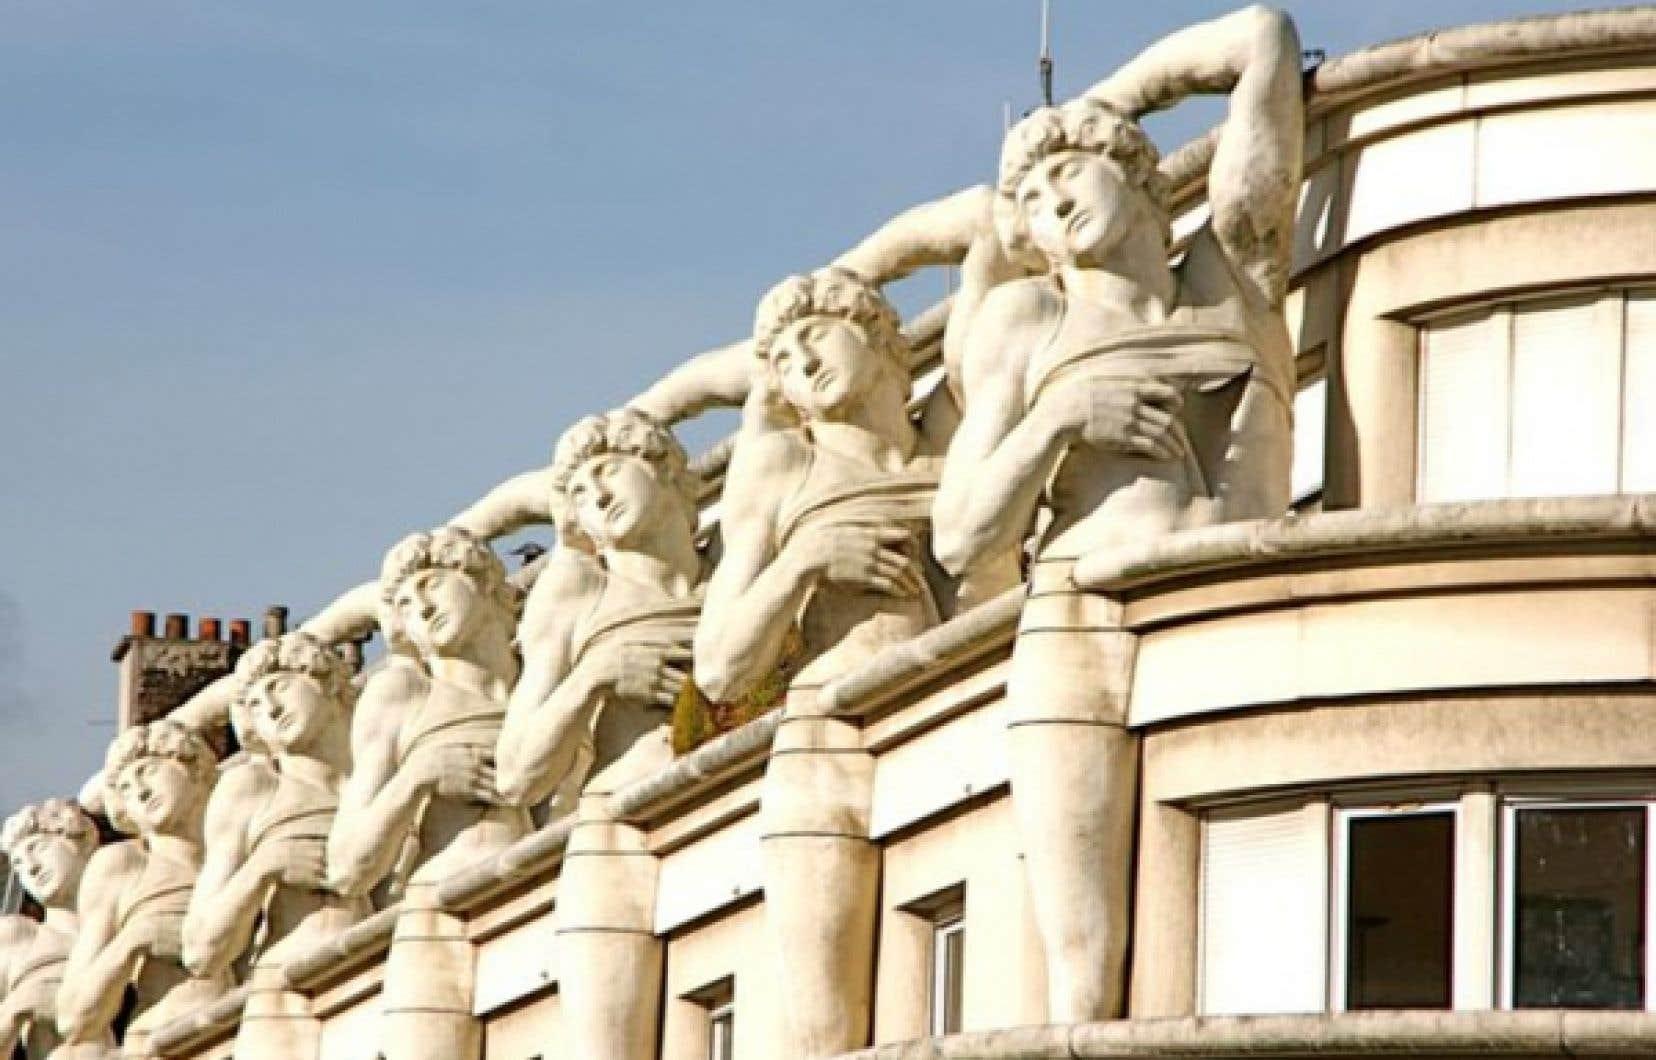 Les formidables atlantes d'un immeuble découverts dans l'avenue Daumesnil, du XIIe arrondissement.